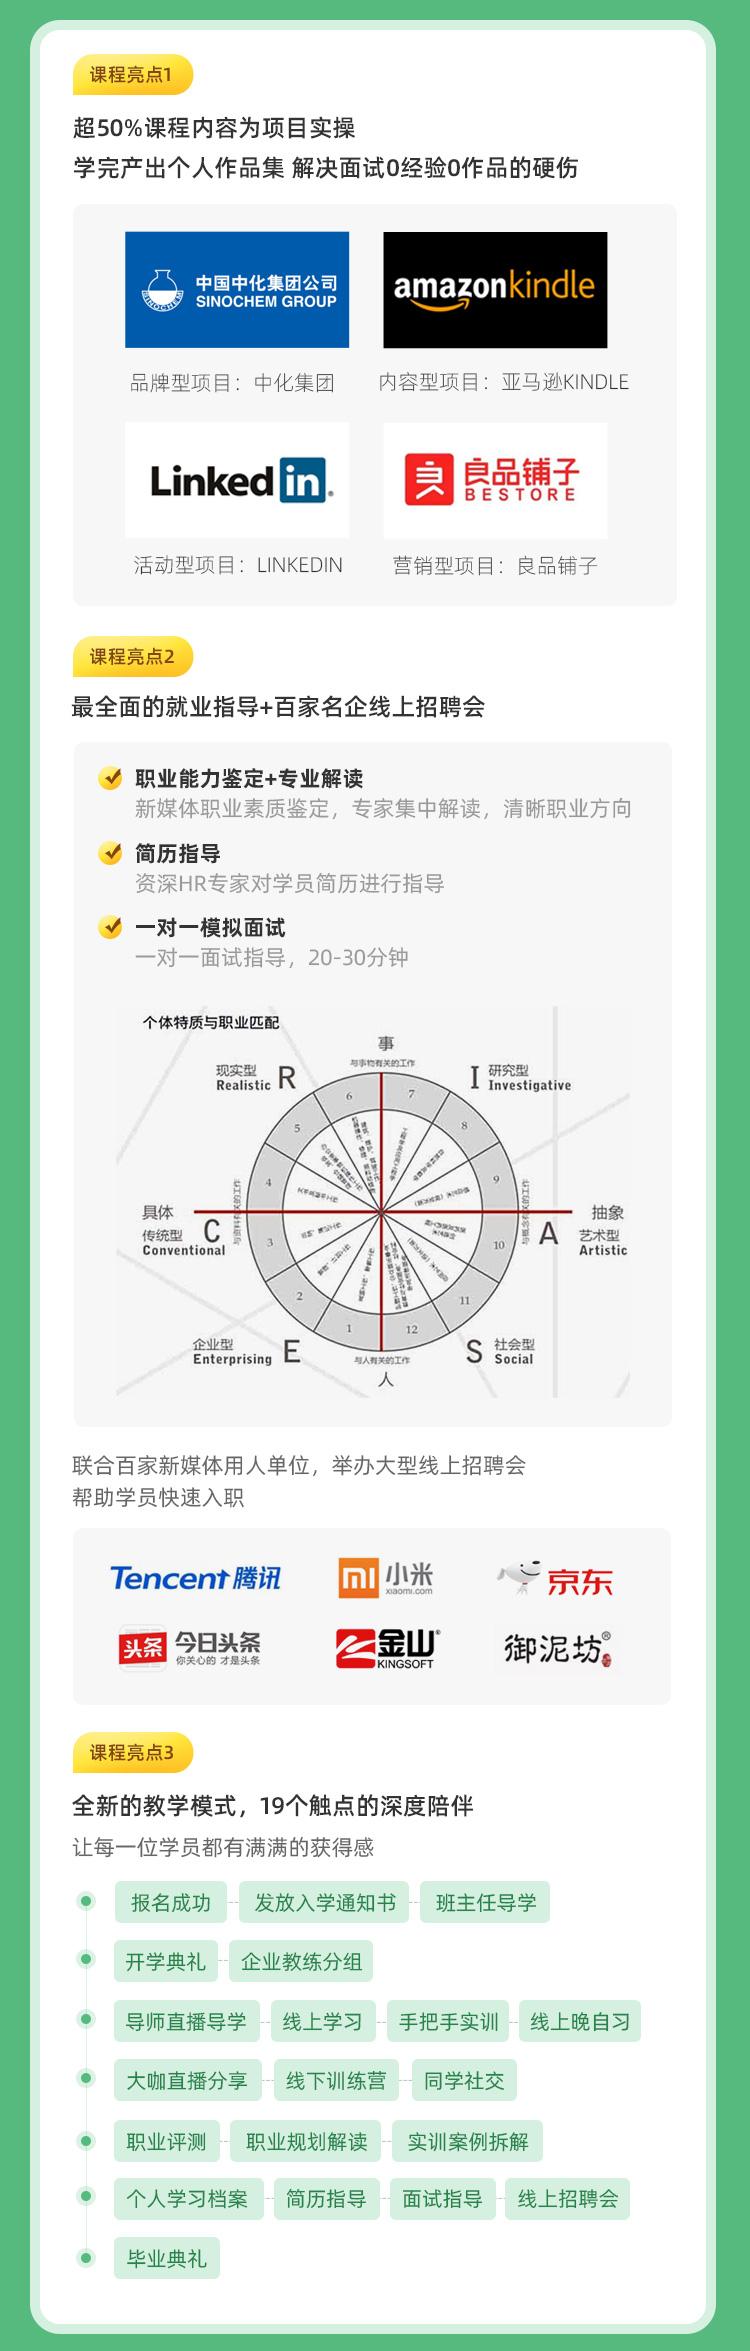 http://mtedu-img.oss-cn-beijing-internal.aliyuncs.com/ueditor/20200705232430_993338.jpg